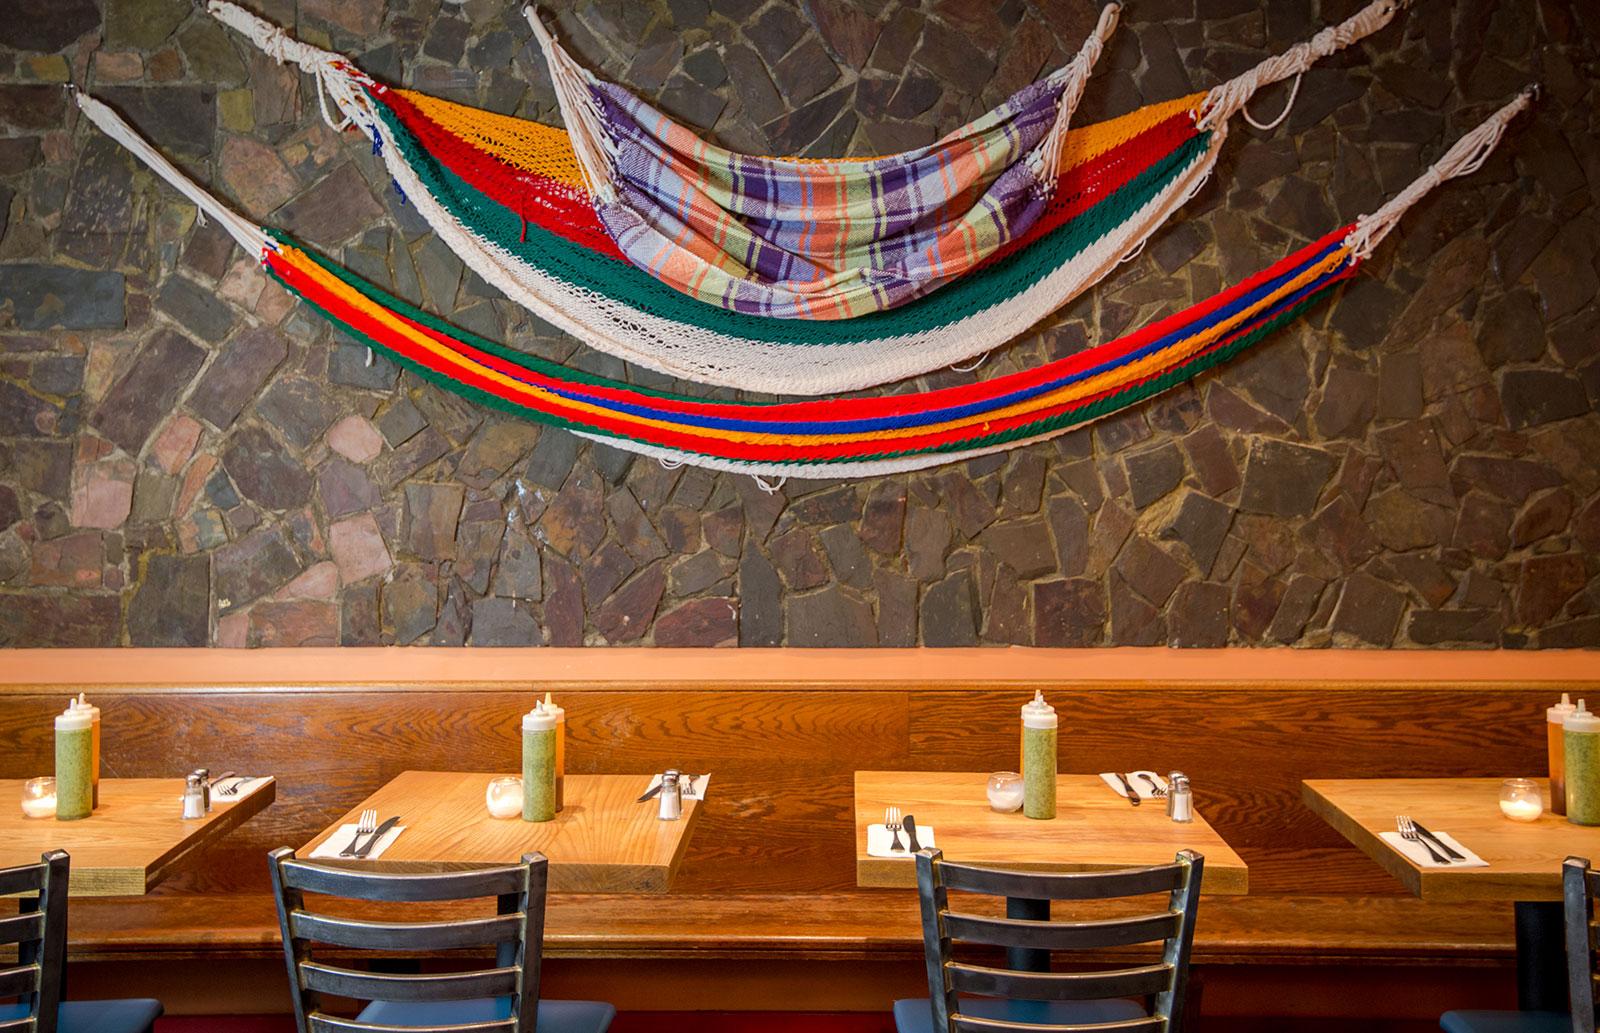 Valencia Luncheria Valencia Luncheria Norwalk Ct